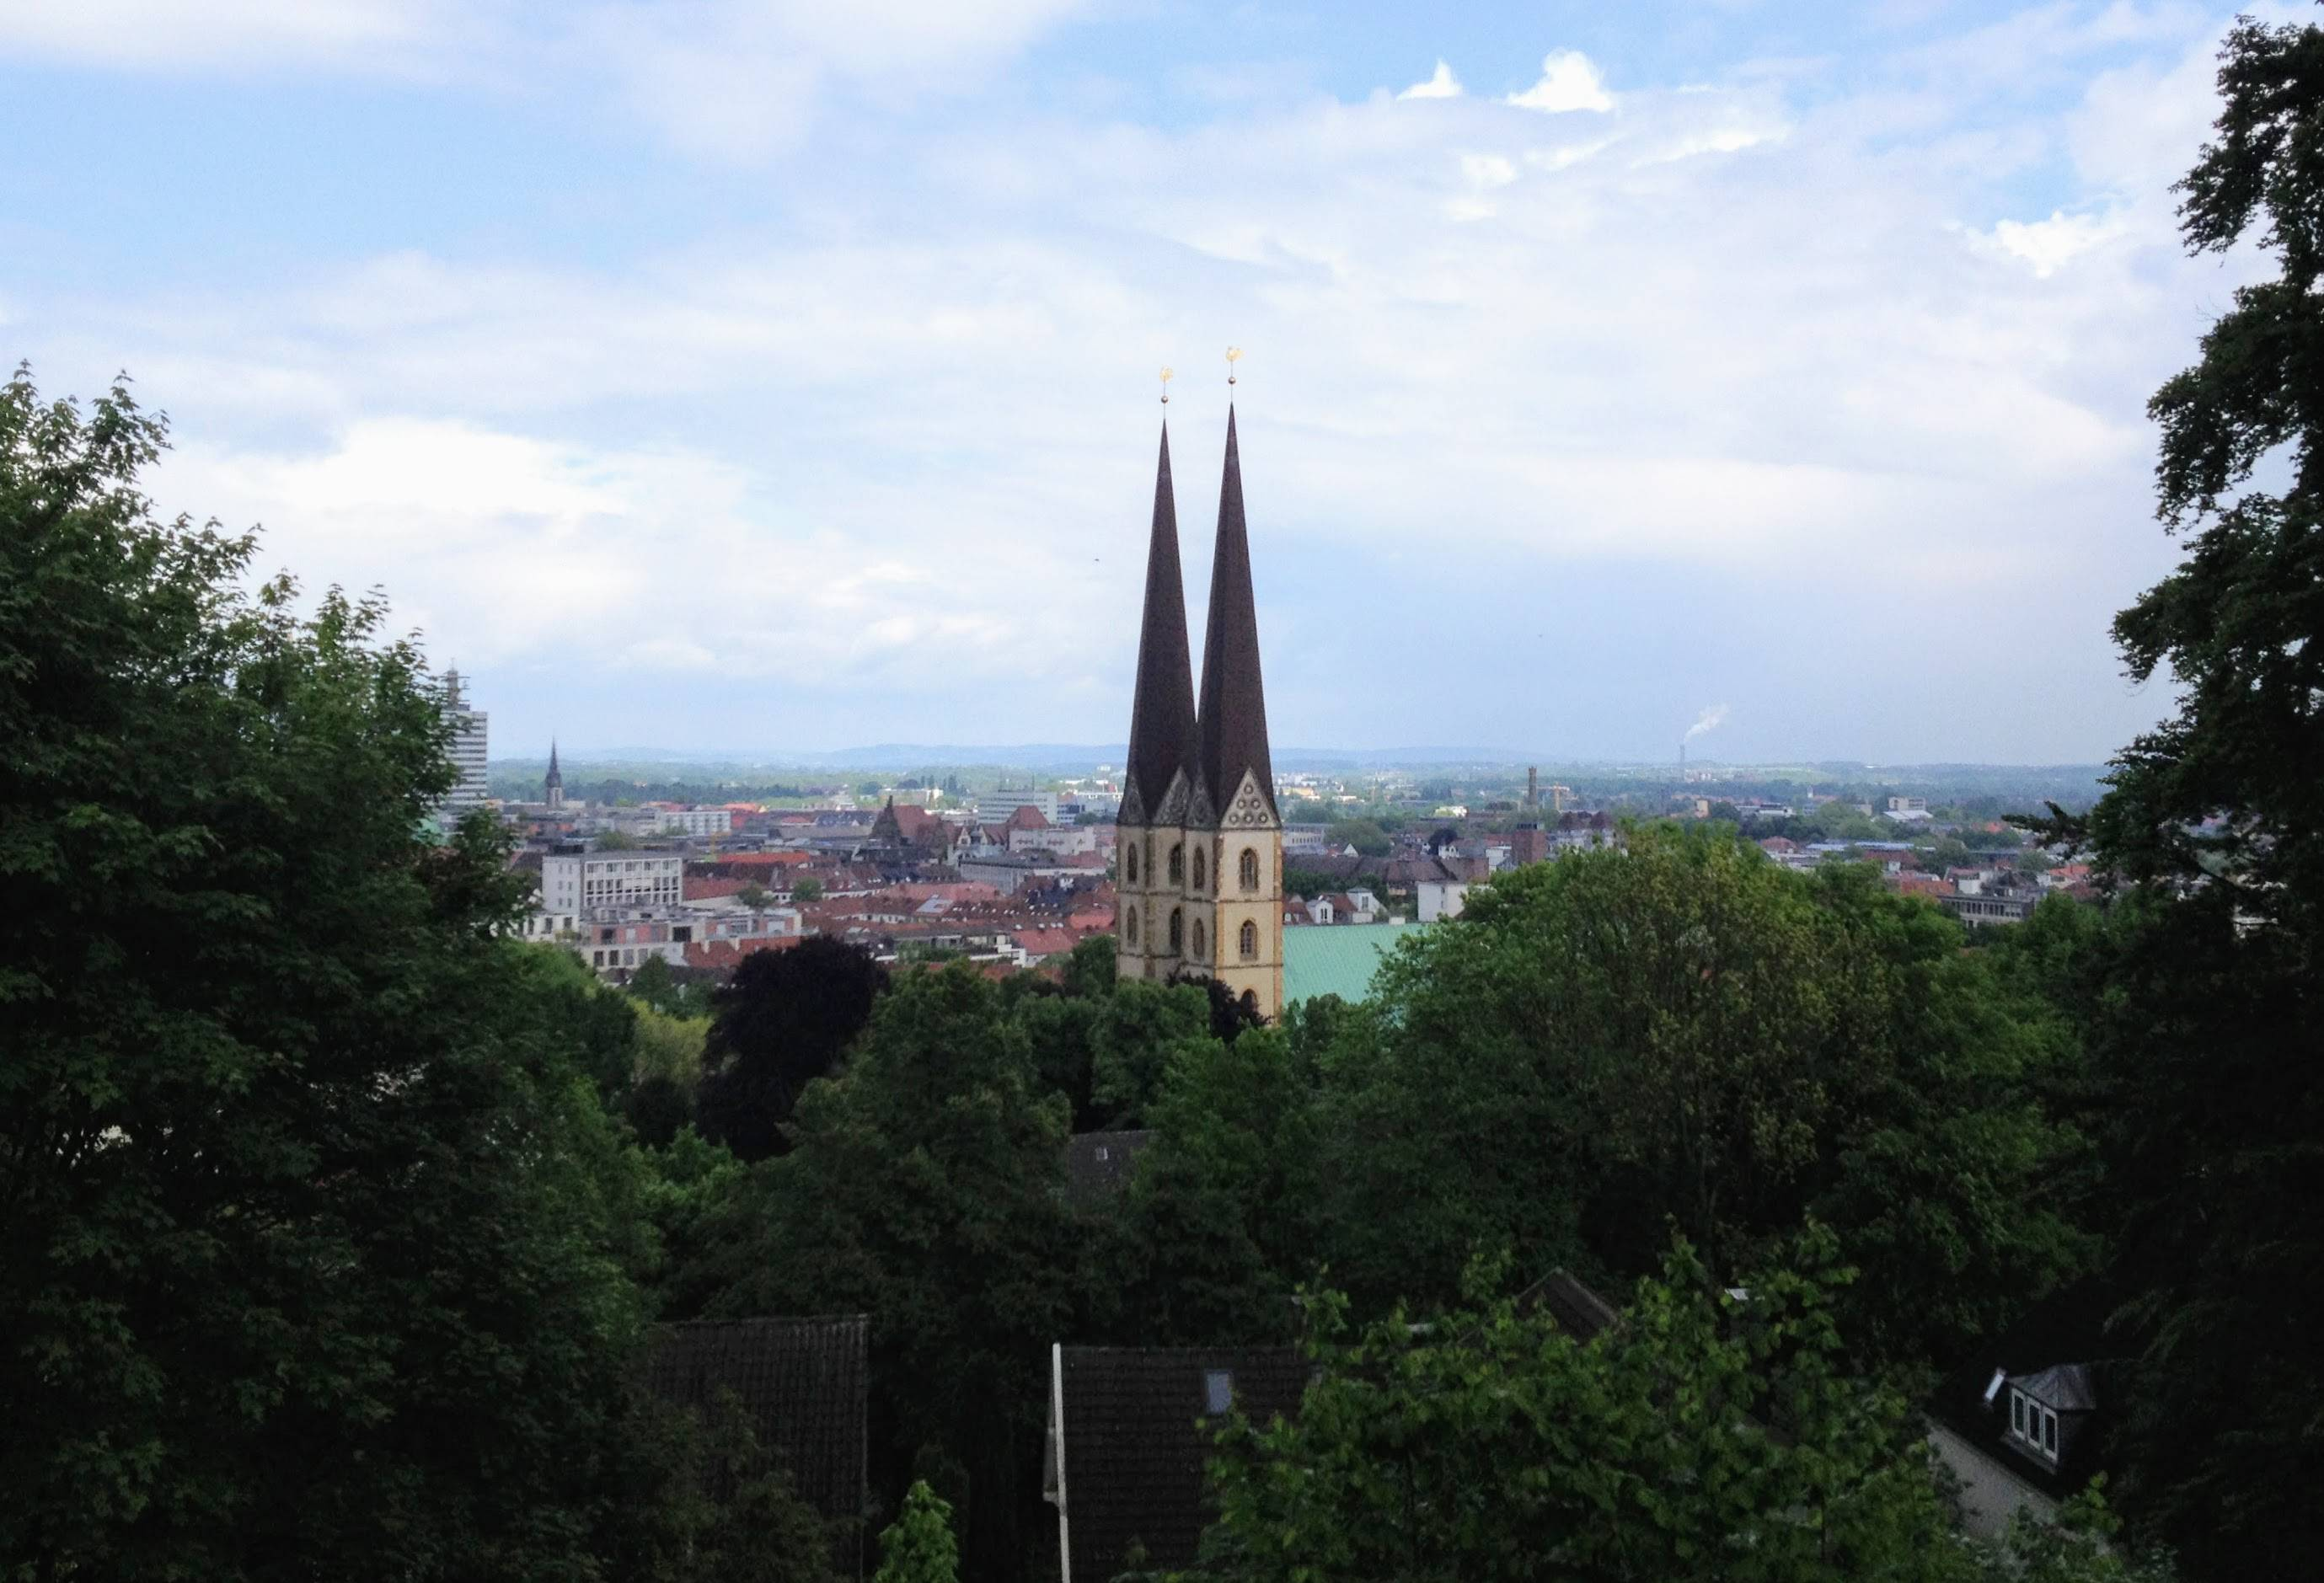 Fahrrad mieten in Bielefeld - Ausblick von der Sparrenburg